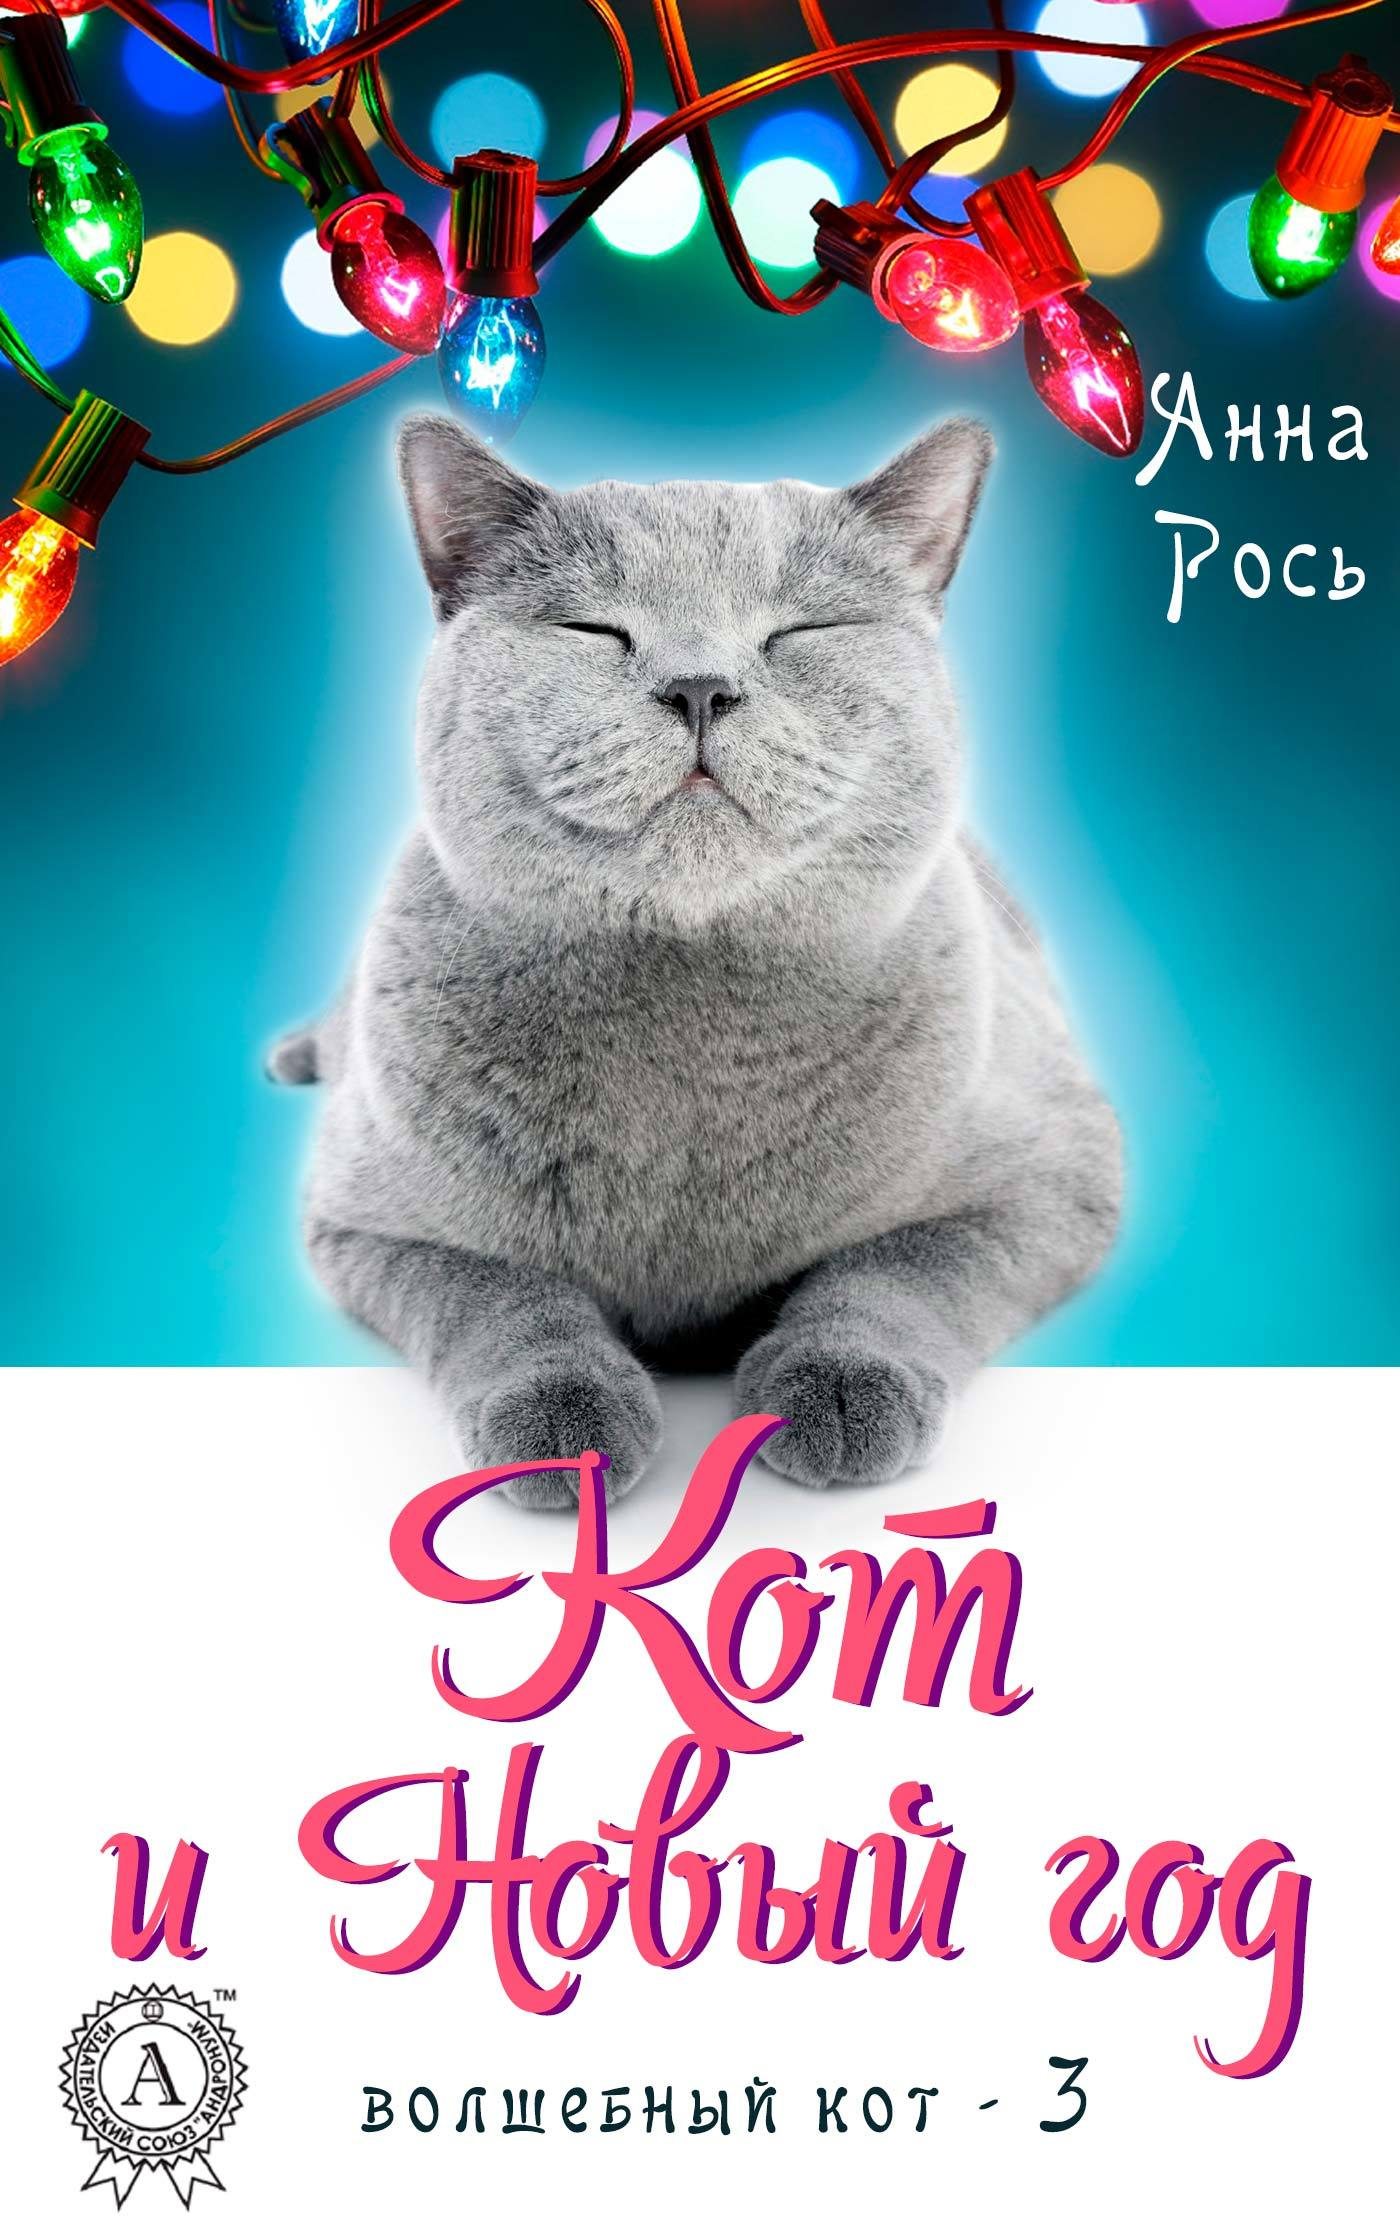 Анна Рось Кот и Новый год